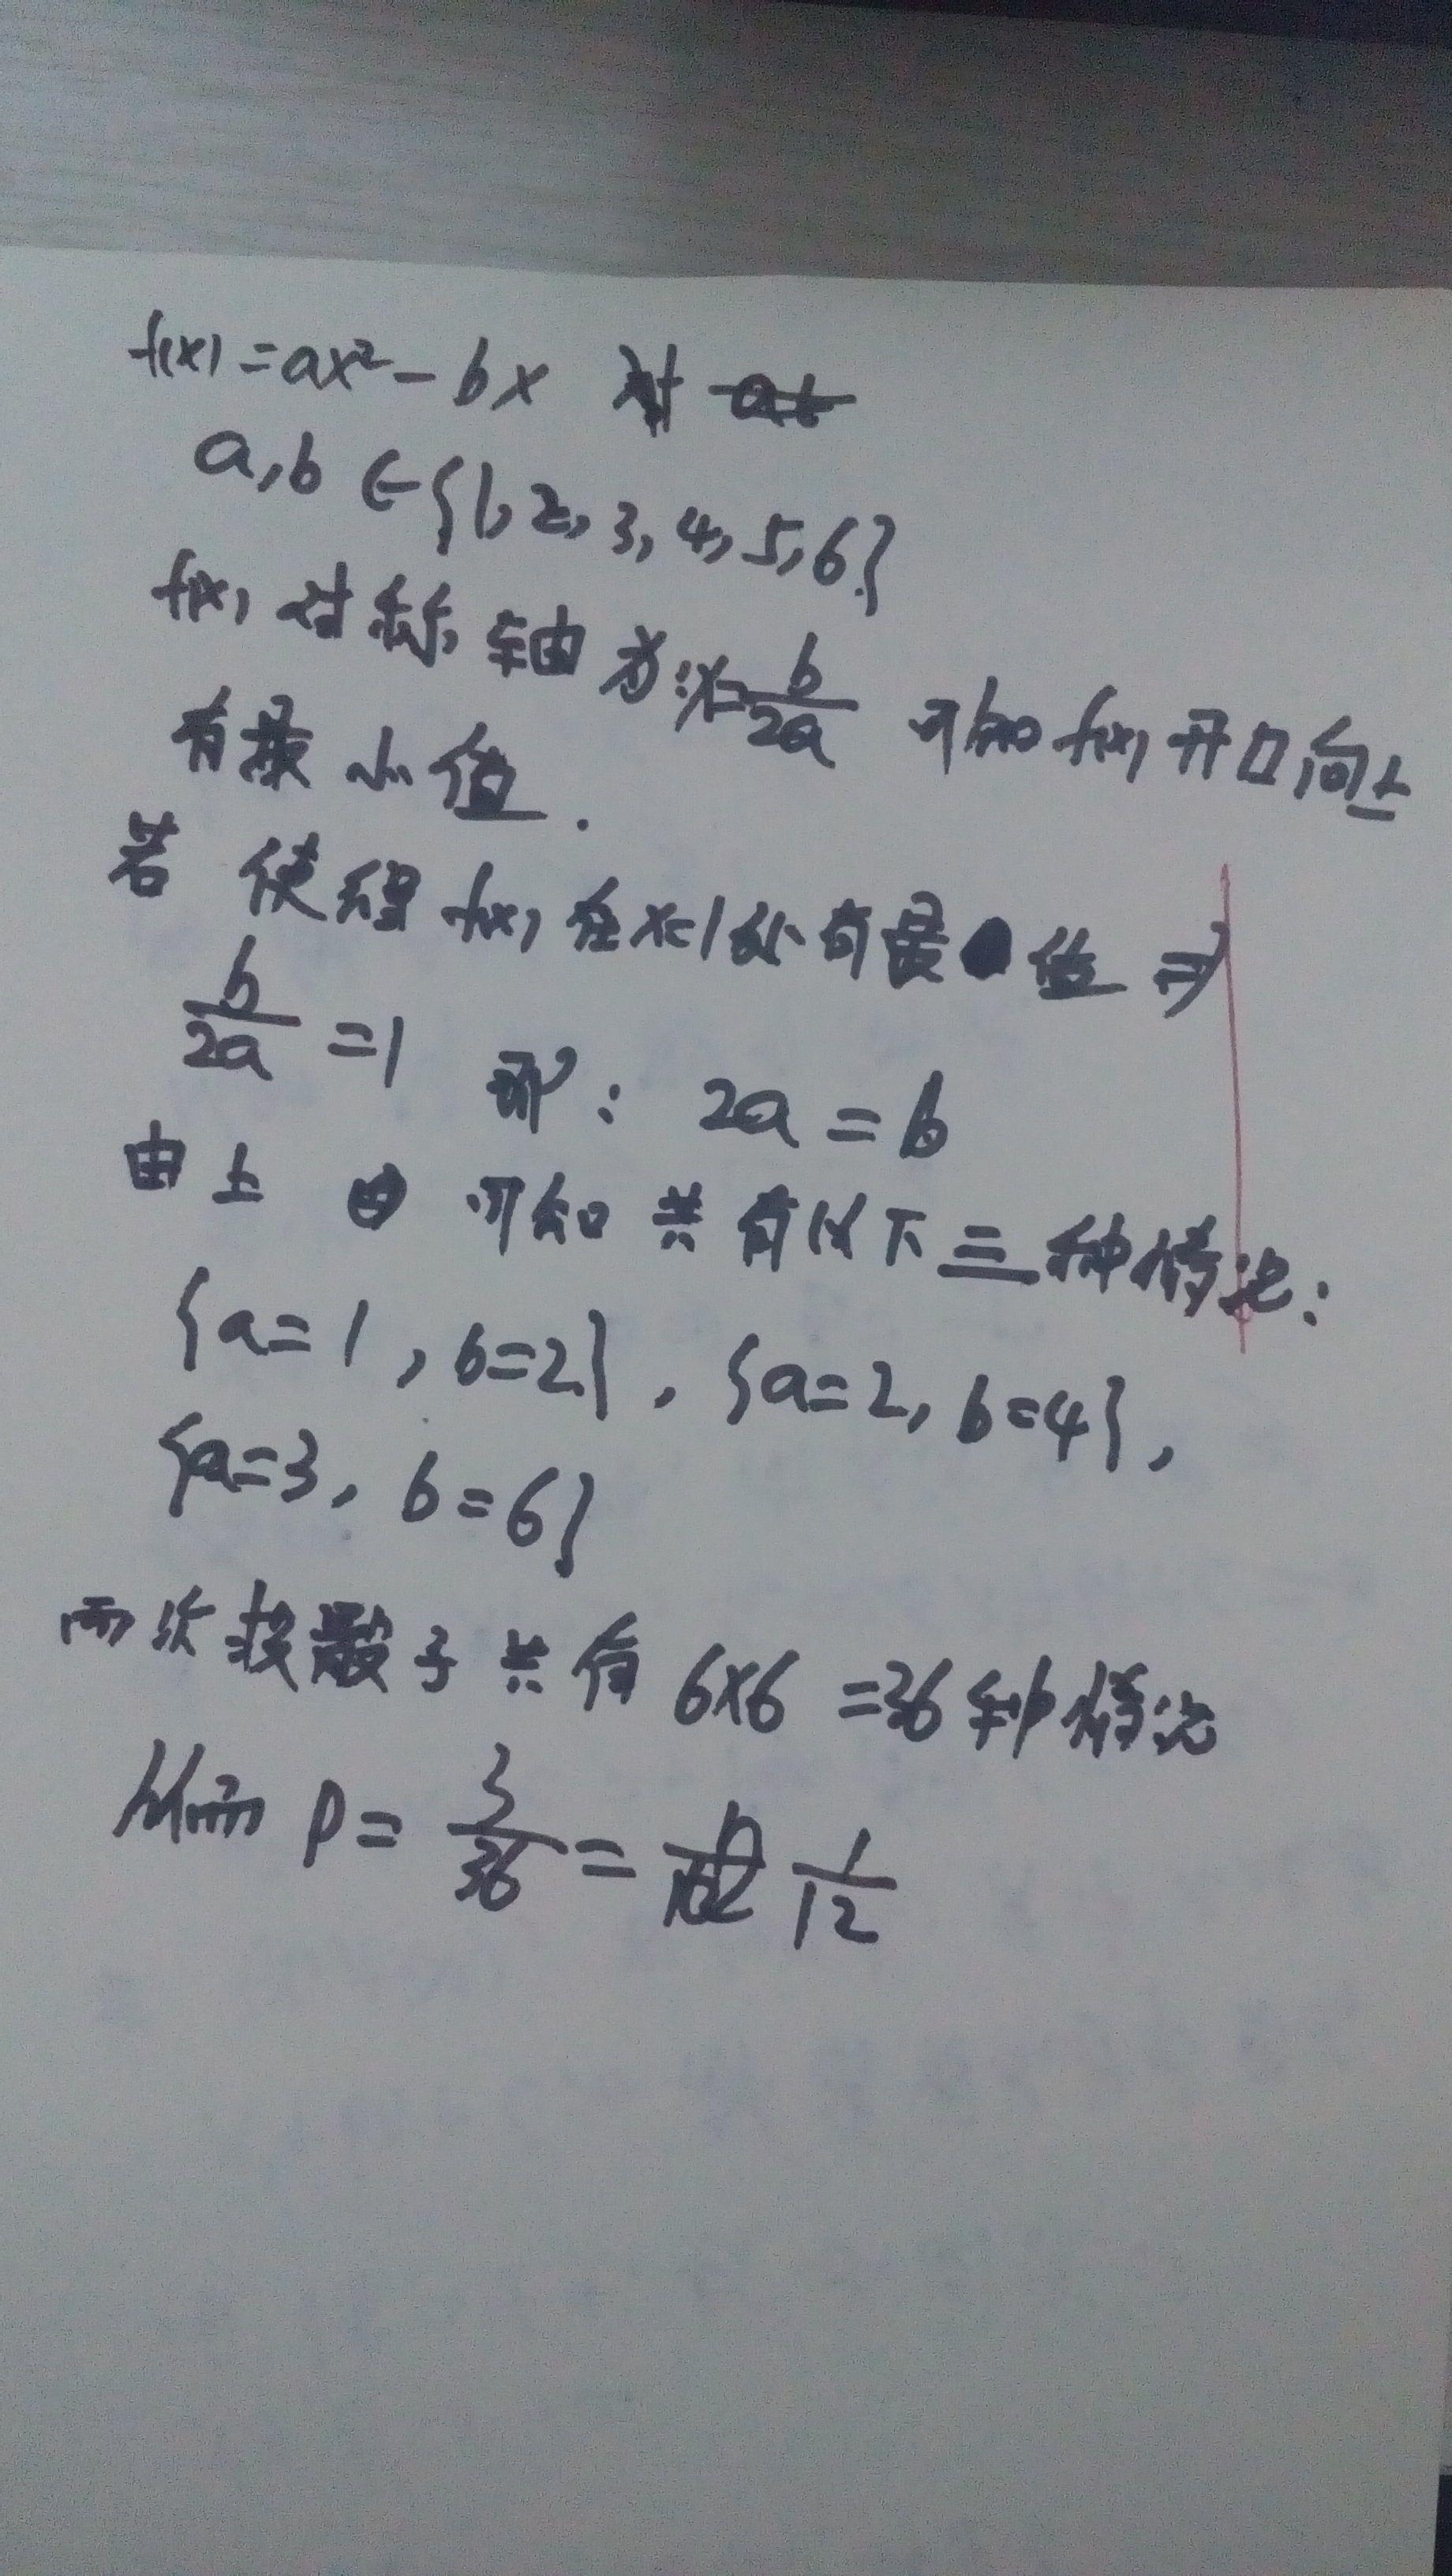 通联支付网络服务股份有限公司大连分公司_搜狗地图连连支付 - 搜狗百科